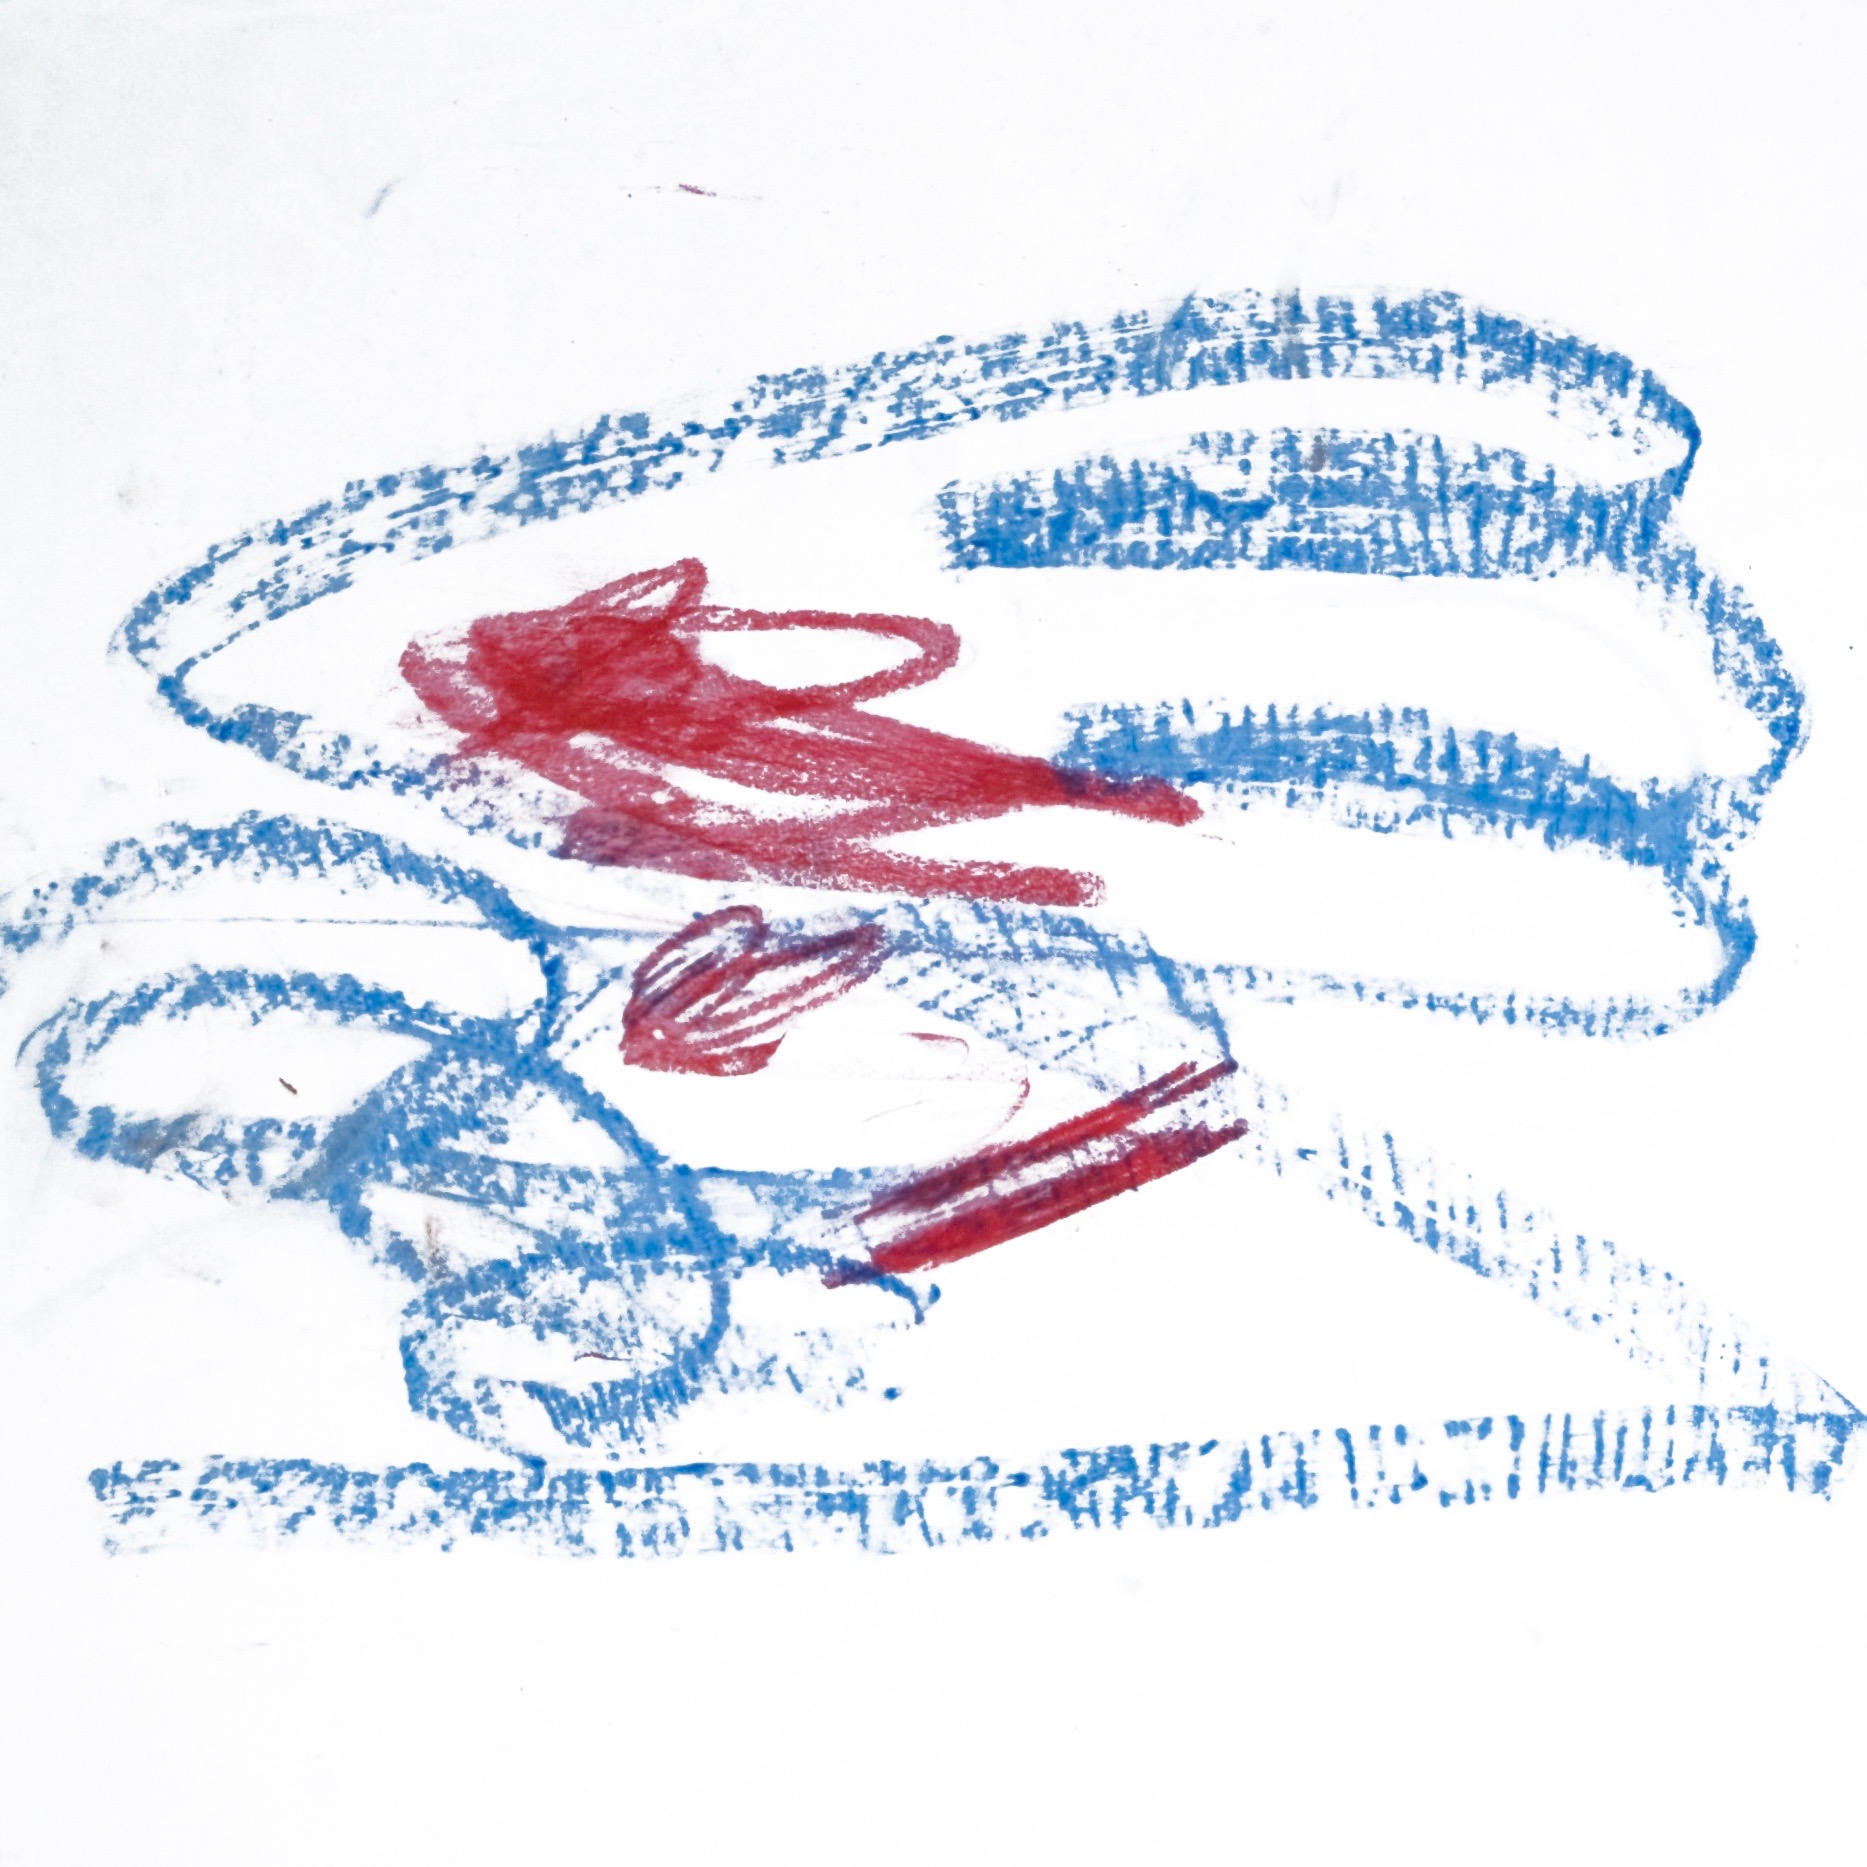 Sita 0193, 2009, Wachsmalstift auf Papier, 45 x 61 cm